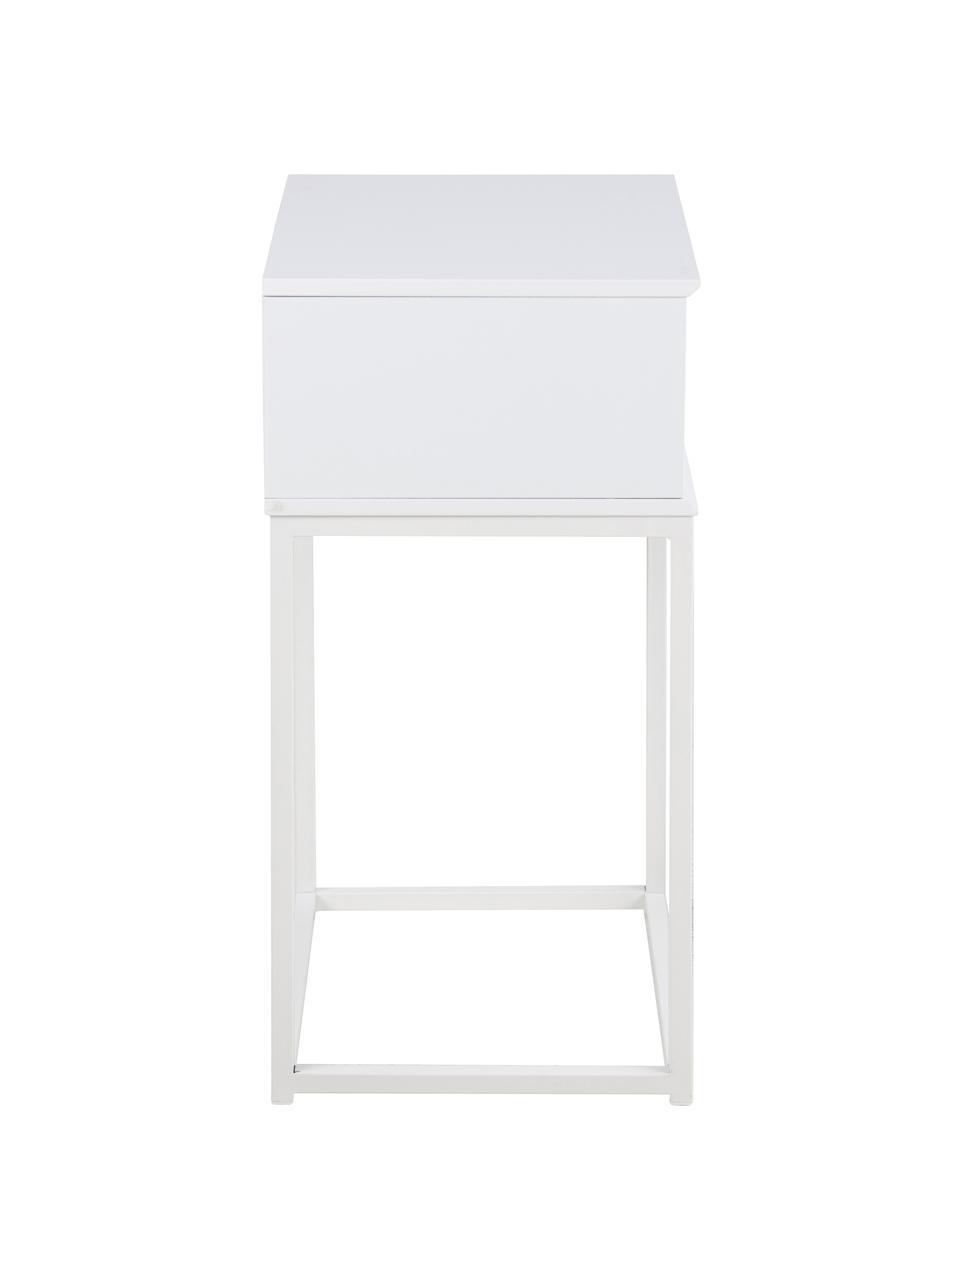 Szafka nocna z szufladą Mitra, Płyta pilśniowa średniej gęstości (MDF), lakierowany, metal malowany proszkowo, Biały, S 40 x W 62 cm